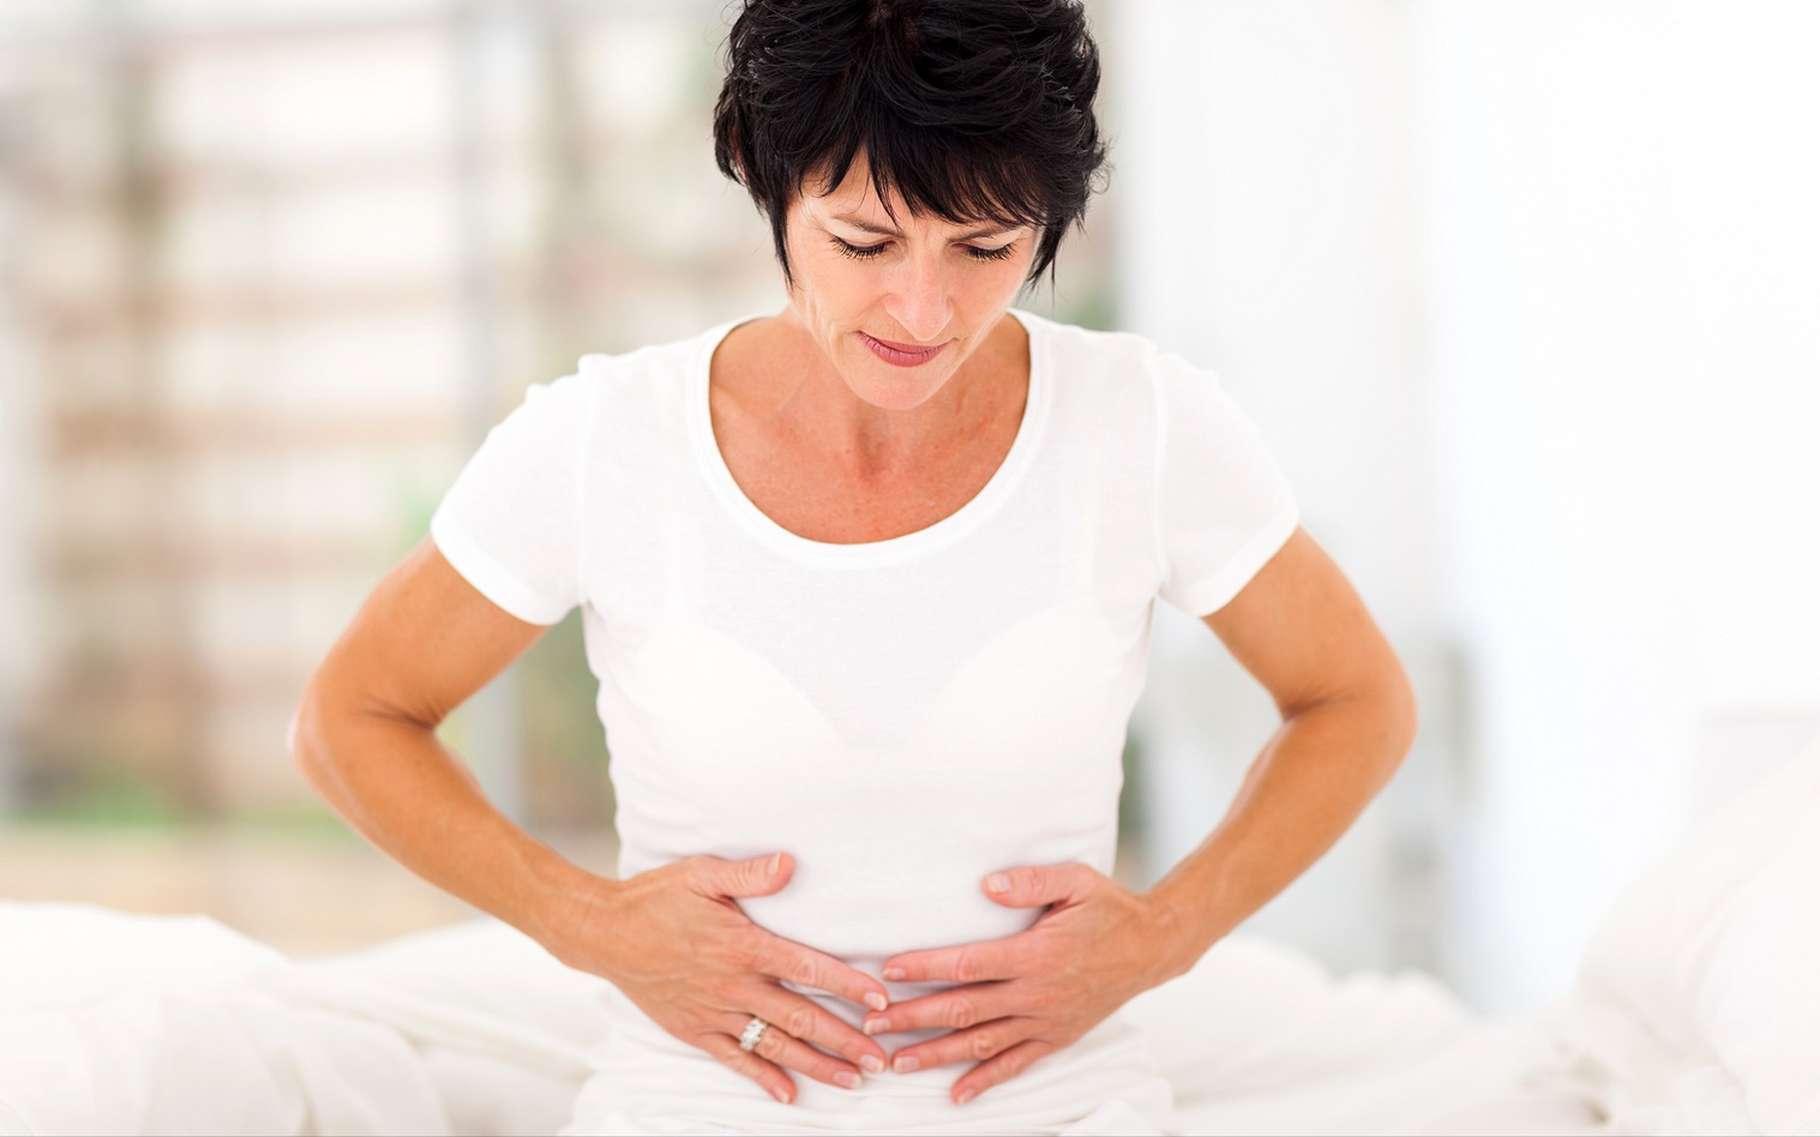 Ballonnements, douleurs abdominales… La colopathie fonctionnelle ou syndrome du côlon irritable est un trouble dans lequel la motricité intestinale est affectée. © michaeljung, Shutterstock